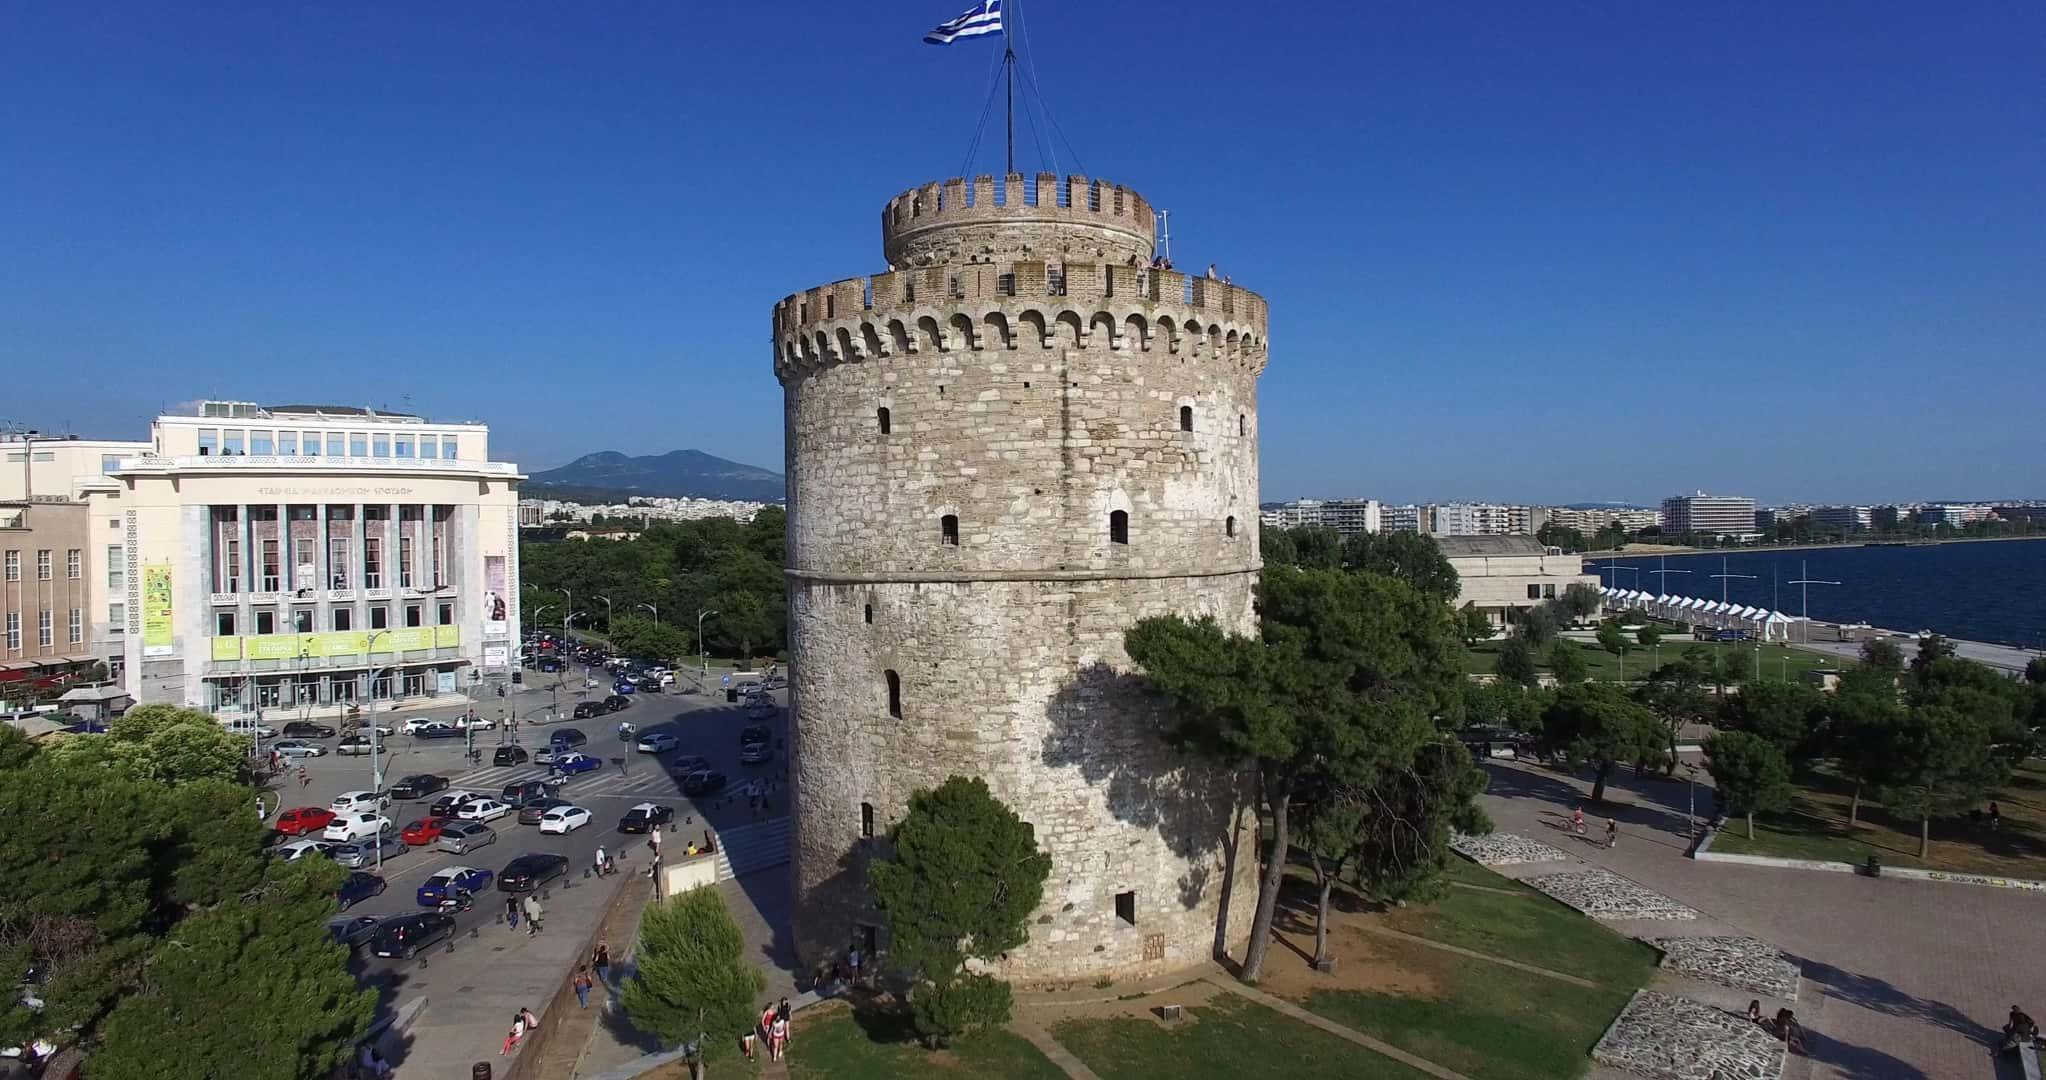 Ερχεται lockdown: Εκτάκτως στην Θεσσαλονίκη Πλεύρης – Γκάγκα